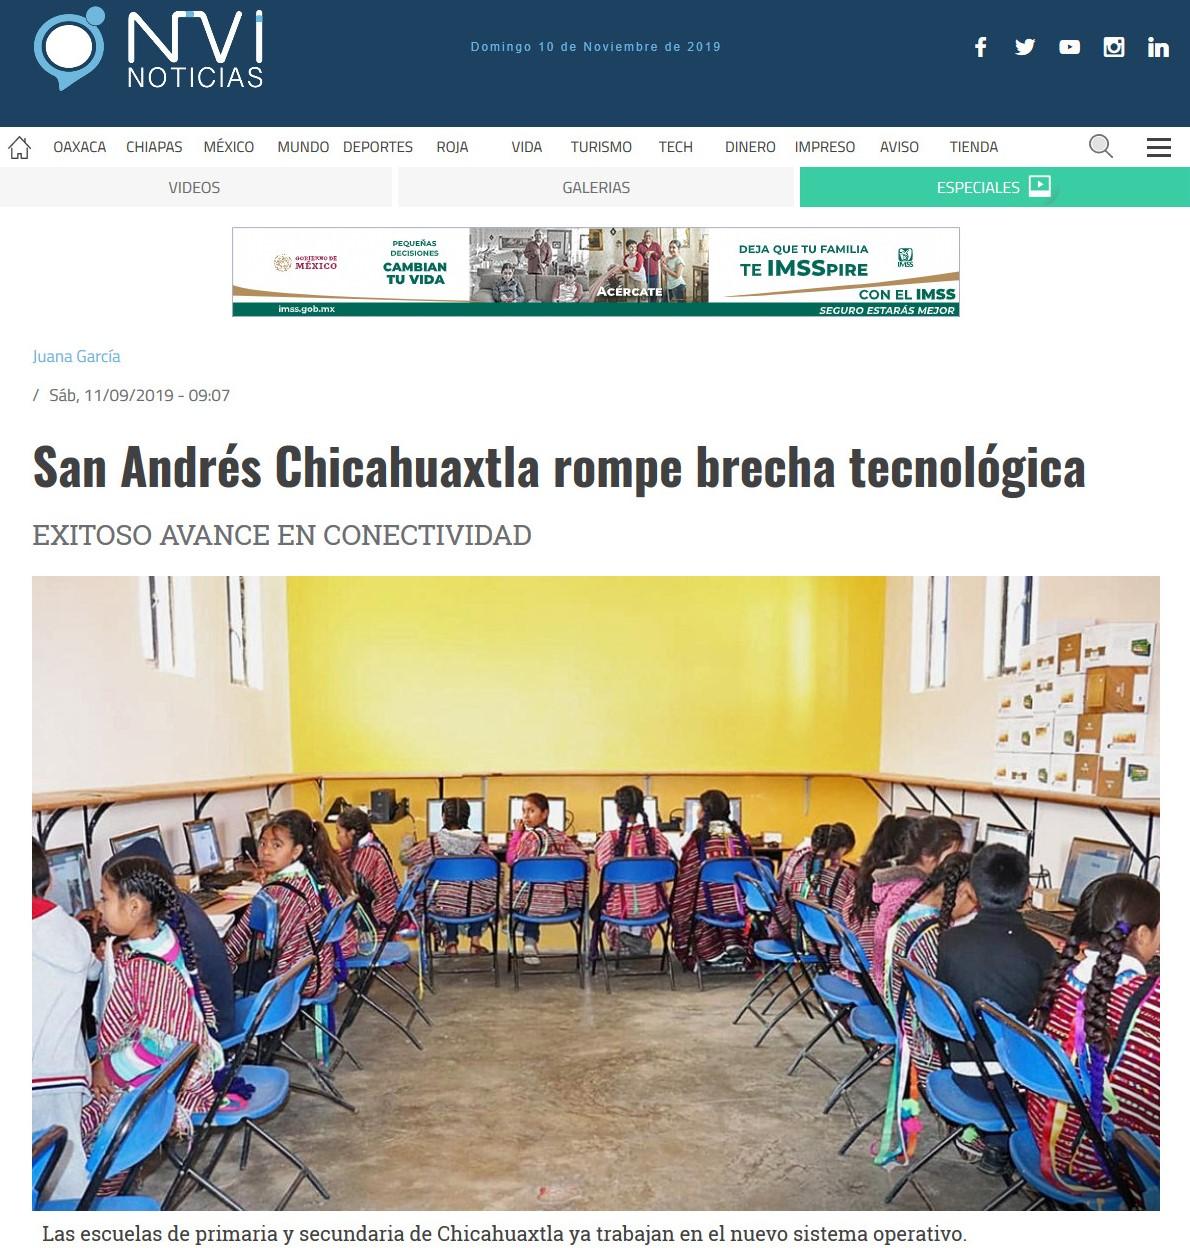 Screenshot_2019-11-10 San Andrés Chicahuaxtla rompe brecha tecnológica